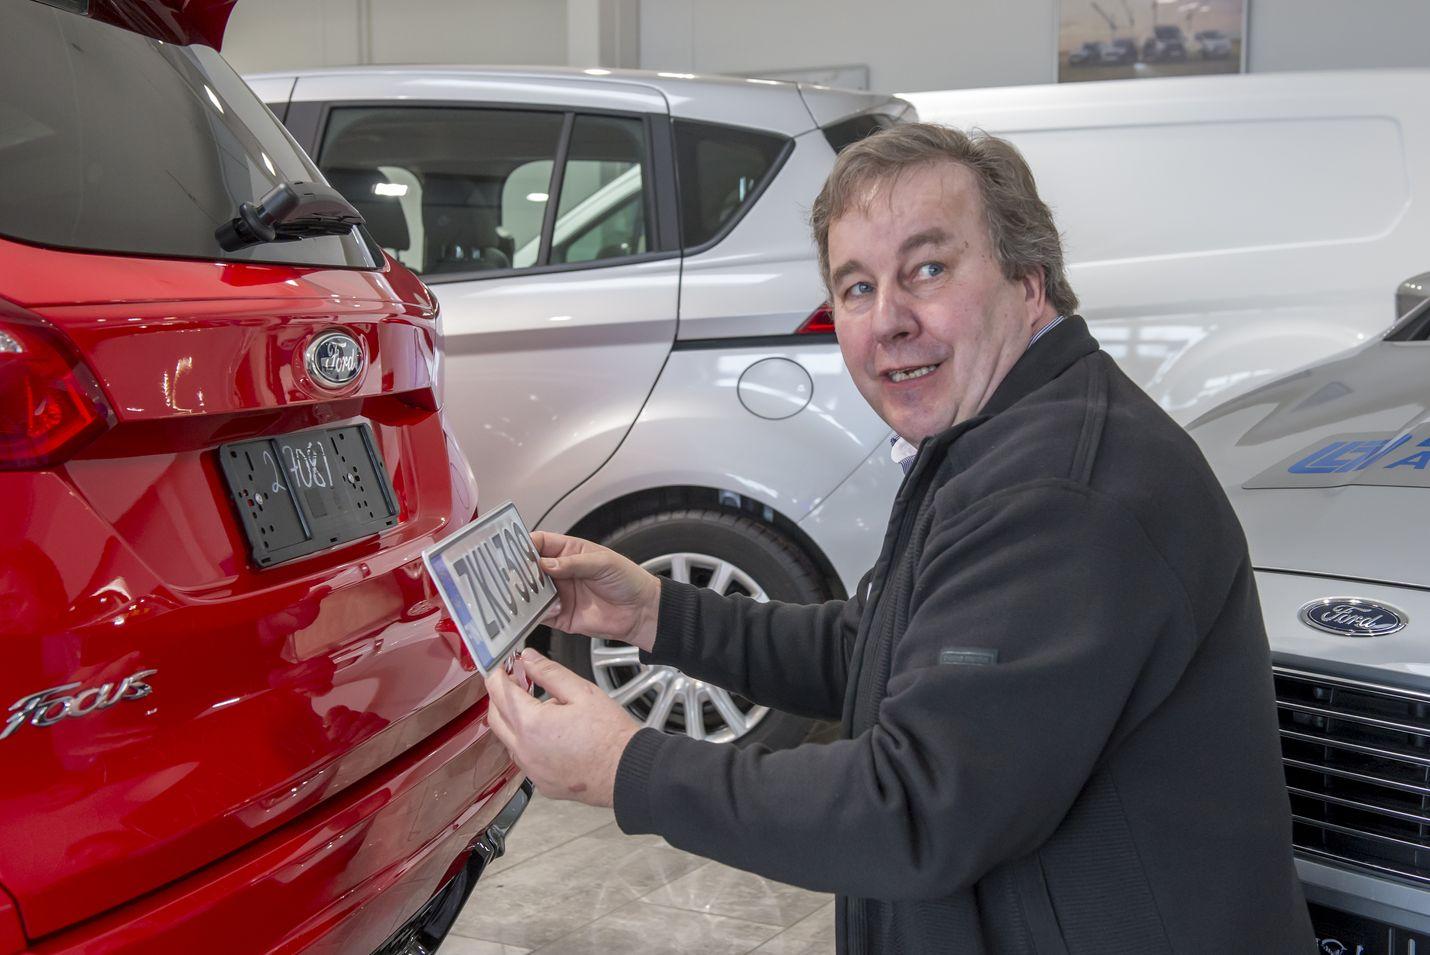 Levorannan Autoliikkeen vaihtoautovastaava Jorma Toivonen asensi keskiviikkona rekisterikilpeä uuteen Ford Focukseen. Uusia autoja on Levorannalta myyty alkuvuodesta lähes tuplasti enemmän kuin vuosi sitten.